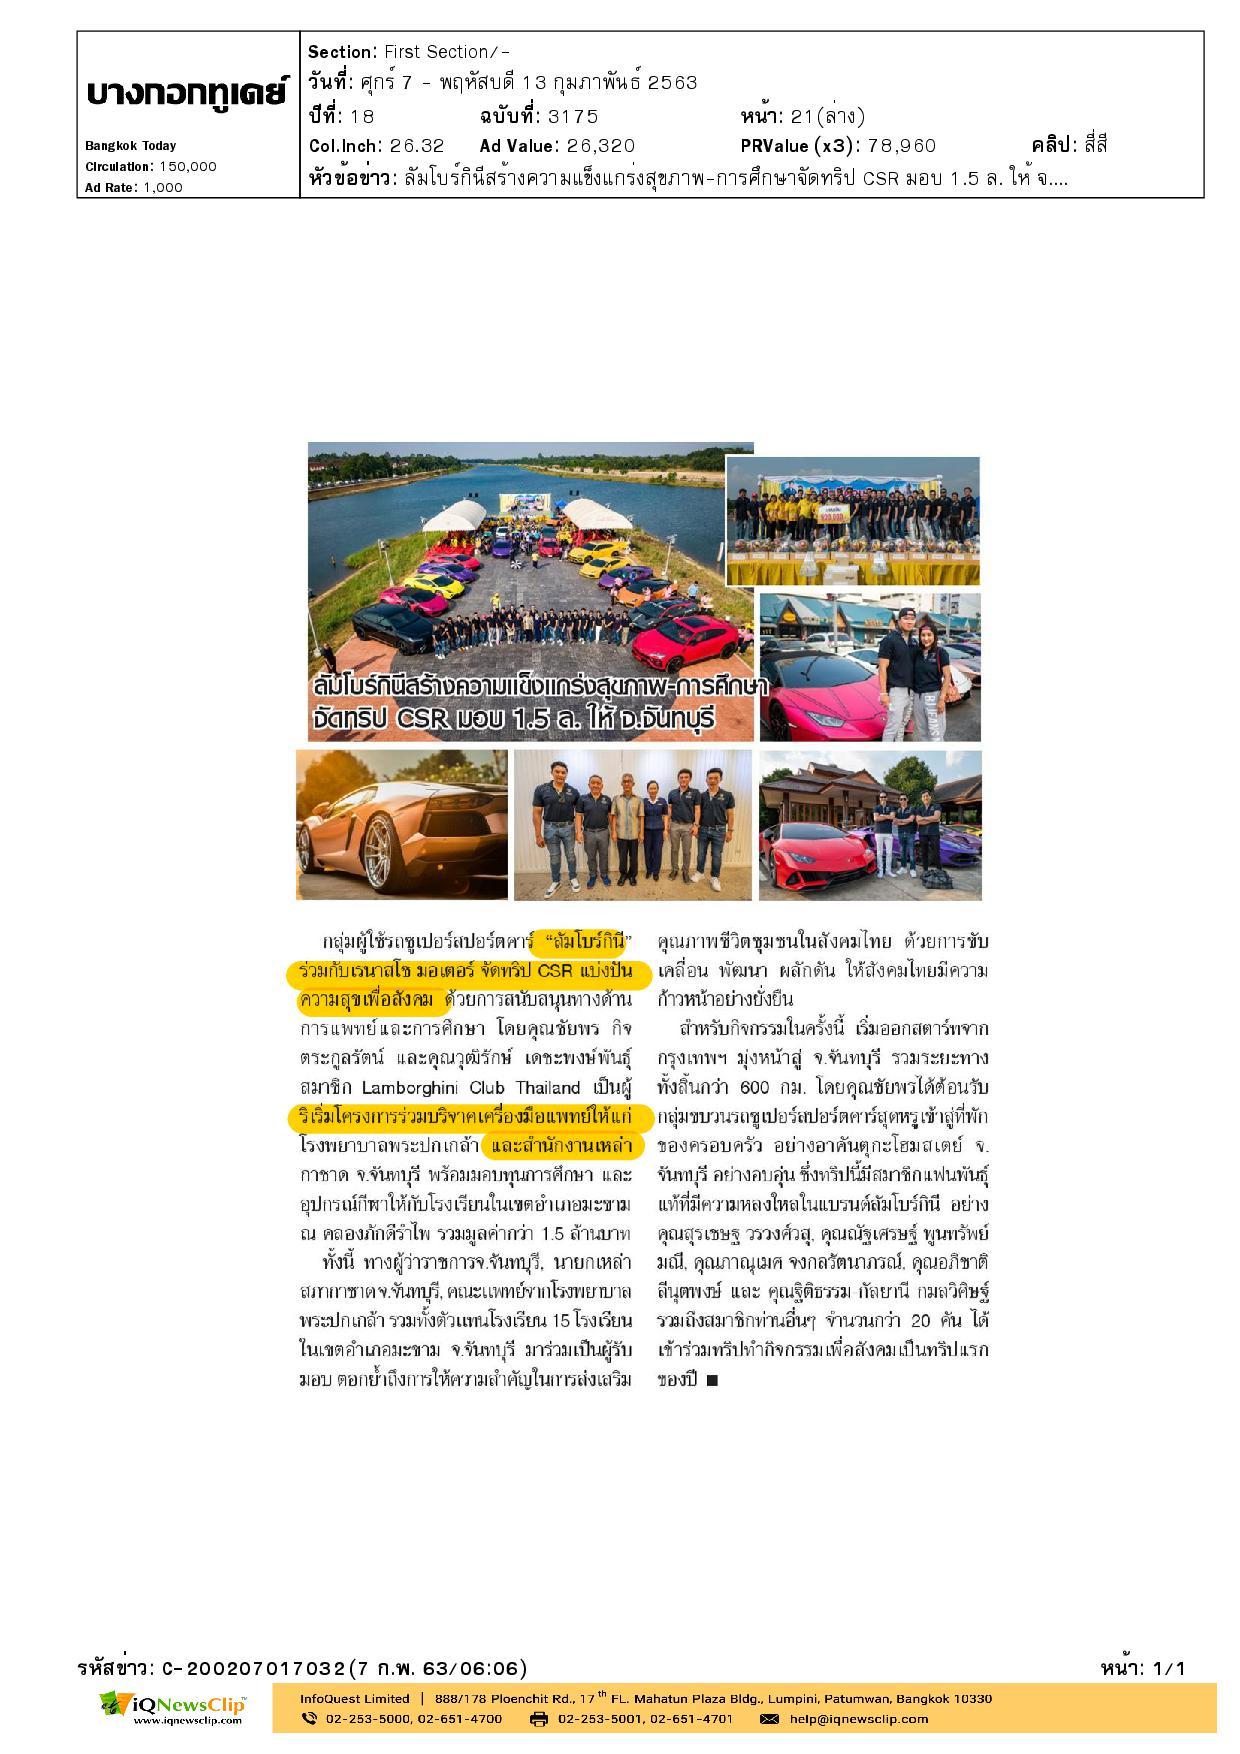 """กลุ่มผู้ใช้รถ """"ลัมโบร์กินี"""" ร่วมบริจาคเครื่องมือแพทย์ให้แก่เหล่ากาชาด จ.จันทบุรี"""